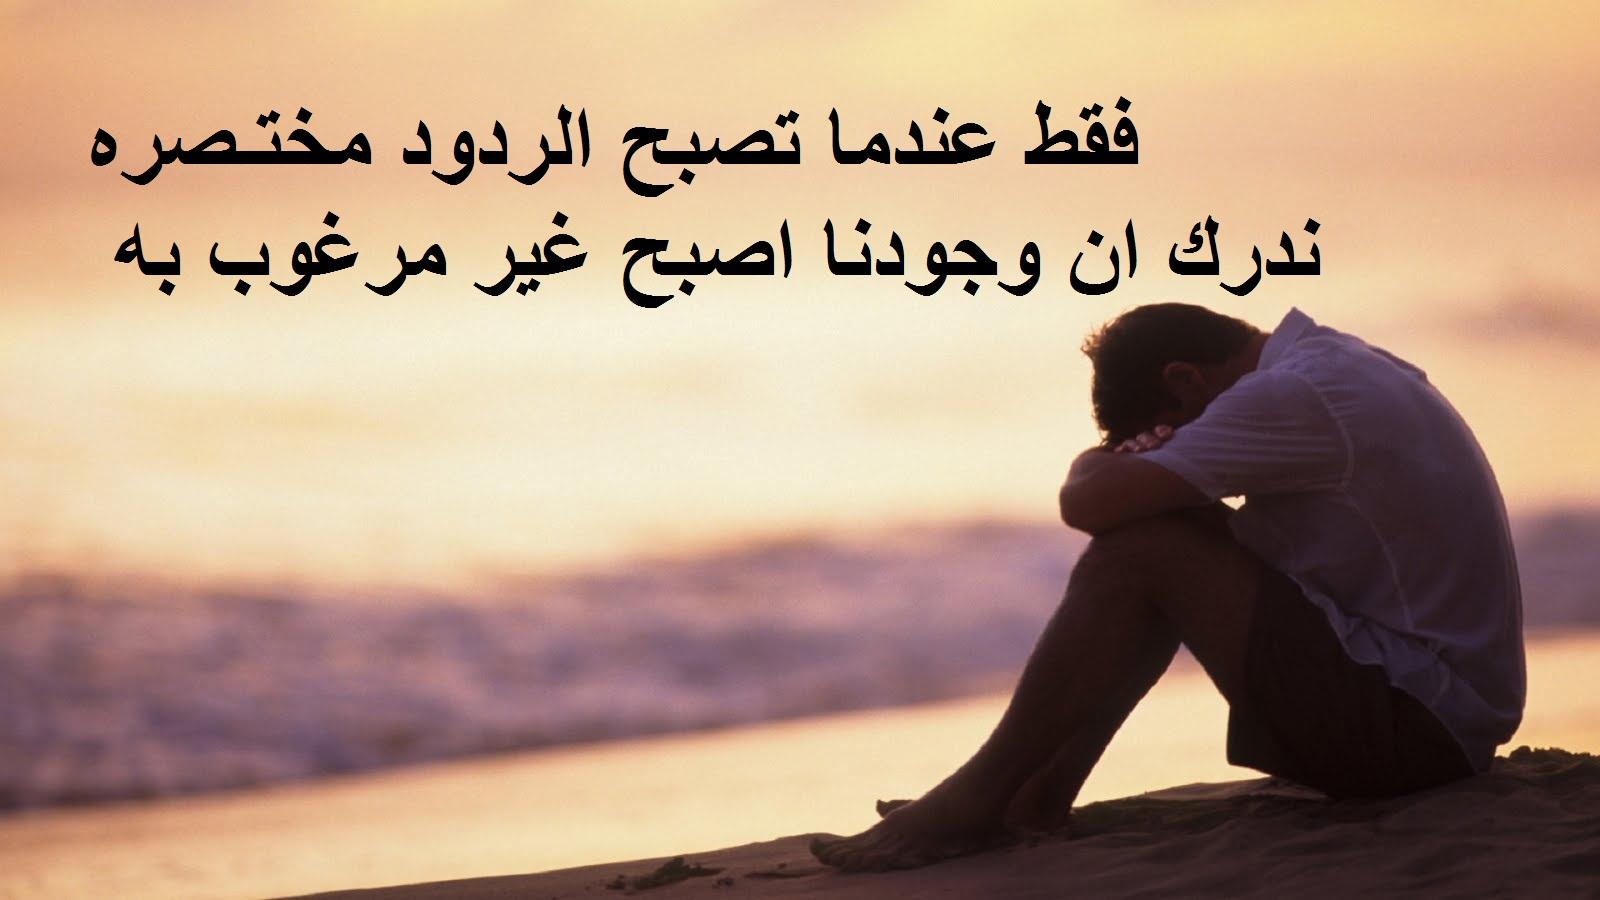 أفضل رسائل عتاب للاصدقاء مصرية